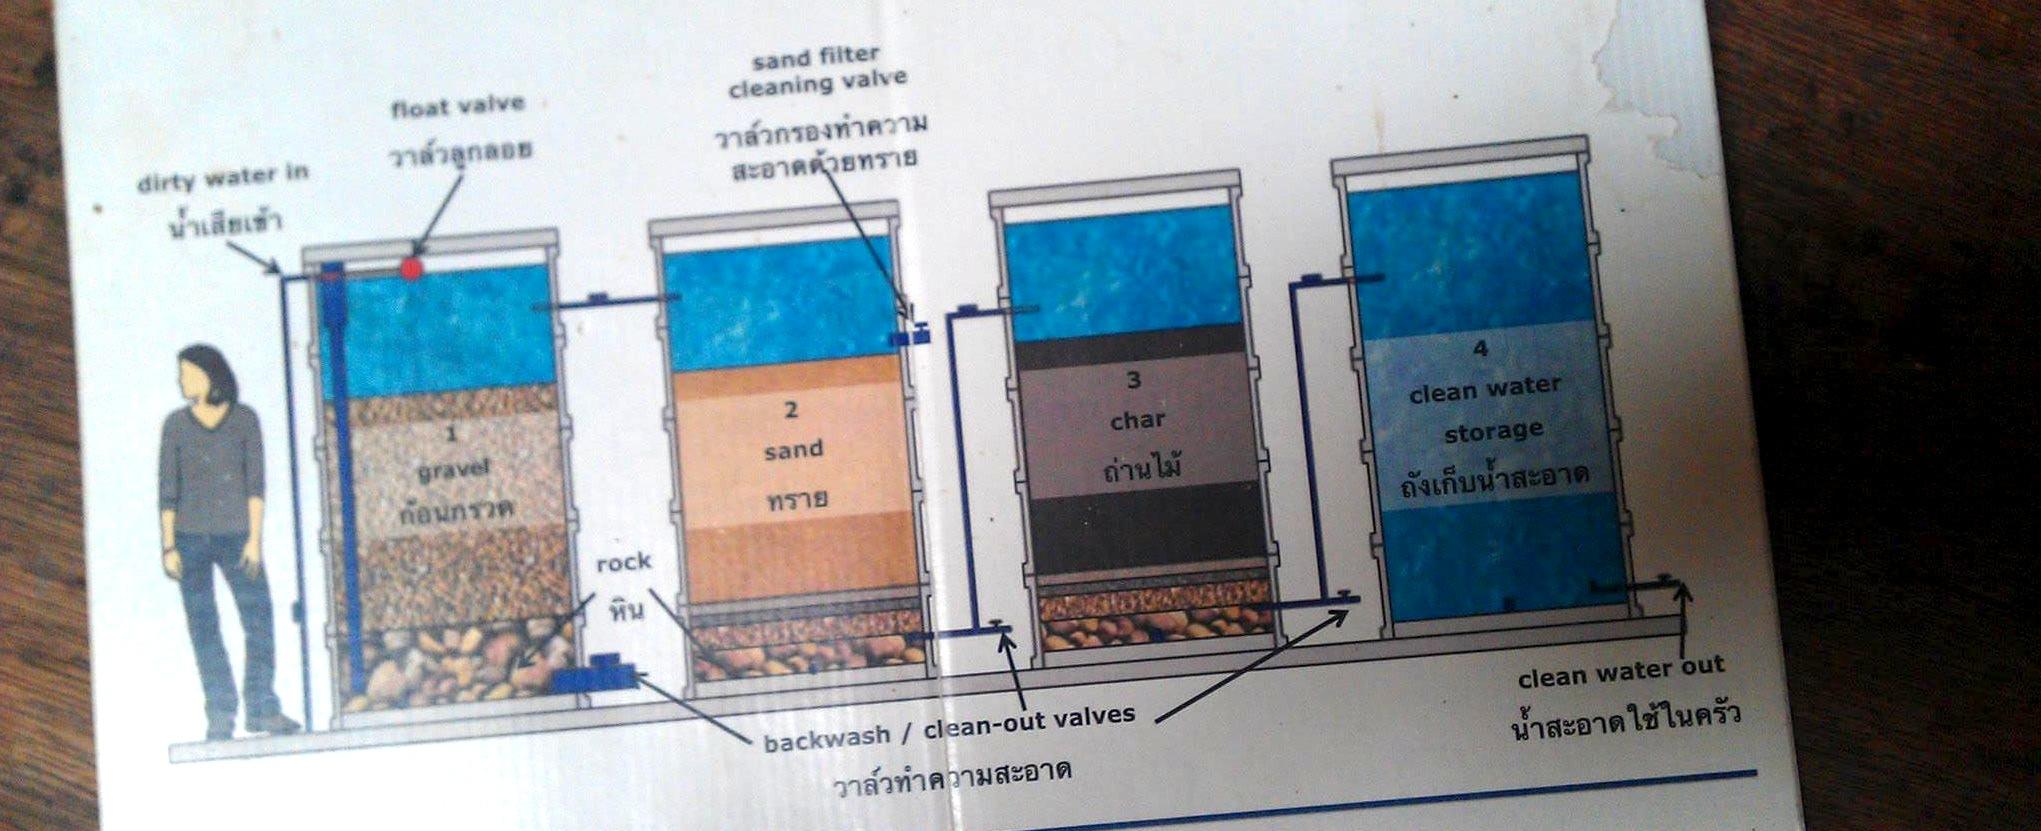 清邁畔畔有機農場( Pun Pun Organic Farm )的砂石木炭濾水系統構造圖。